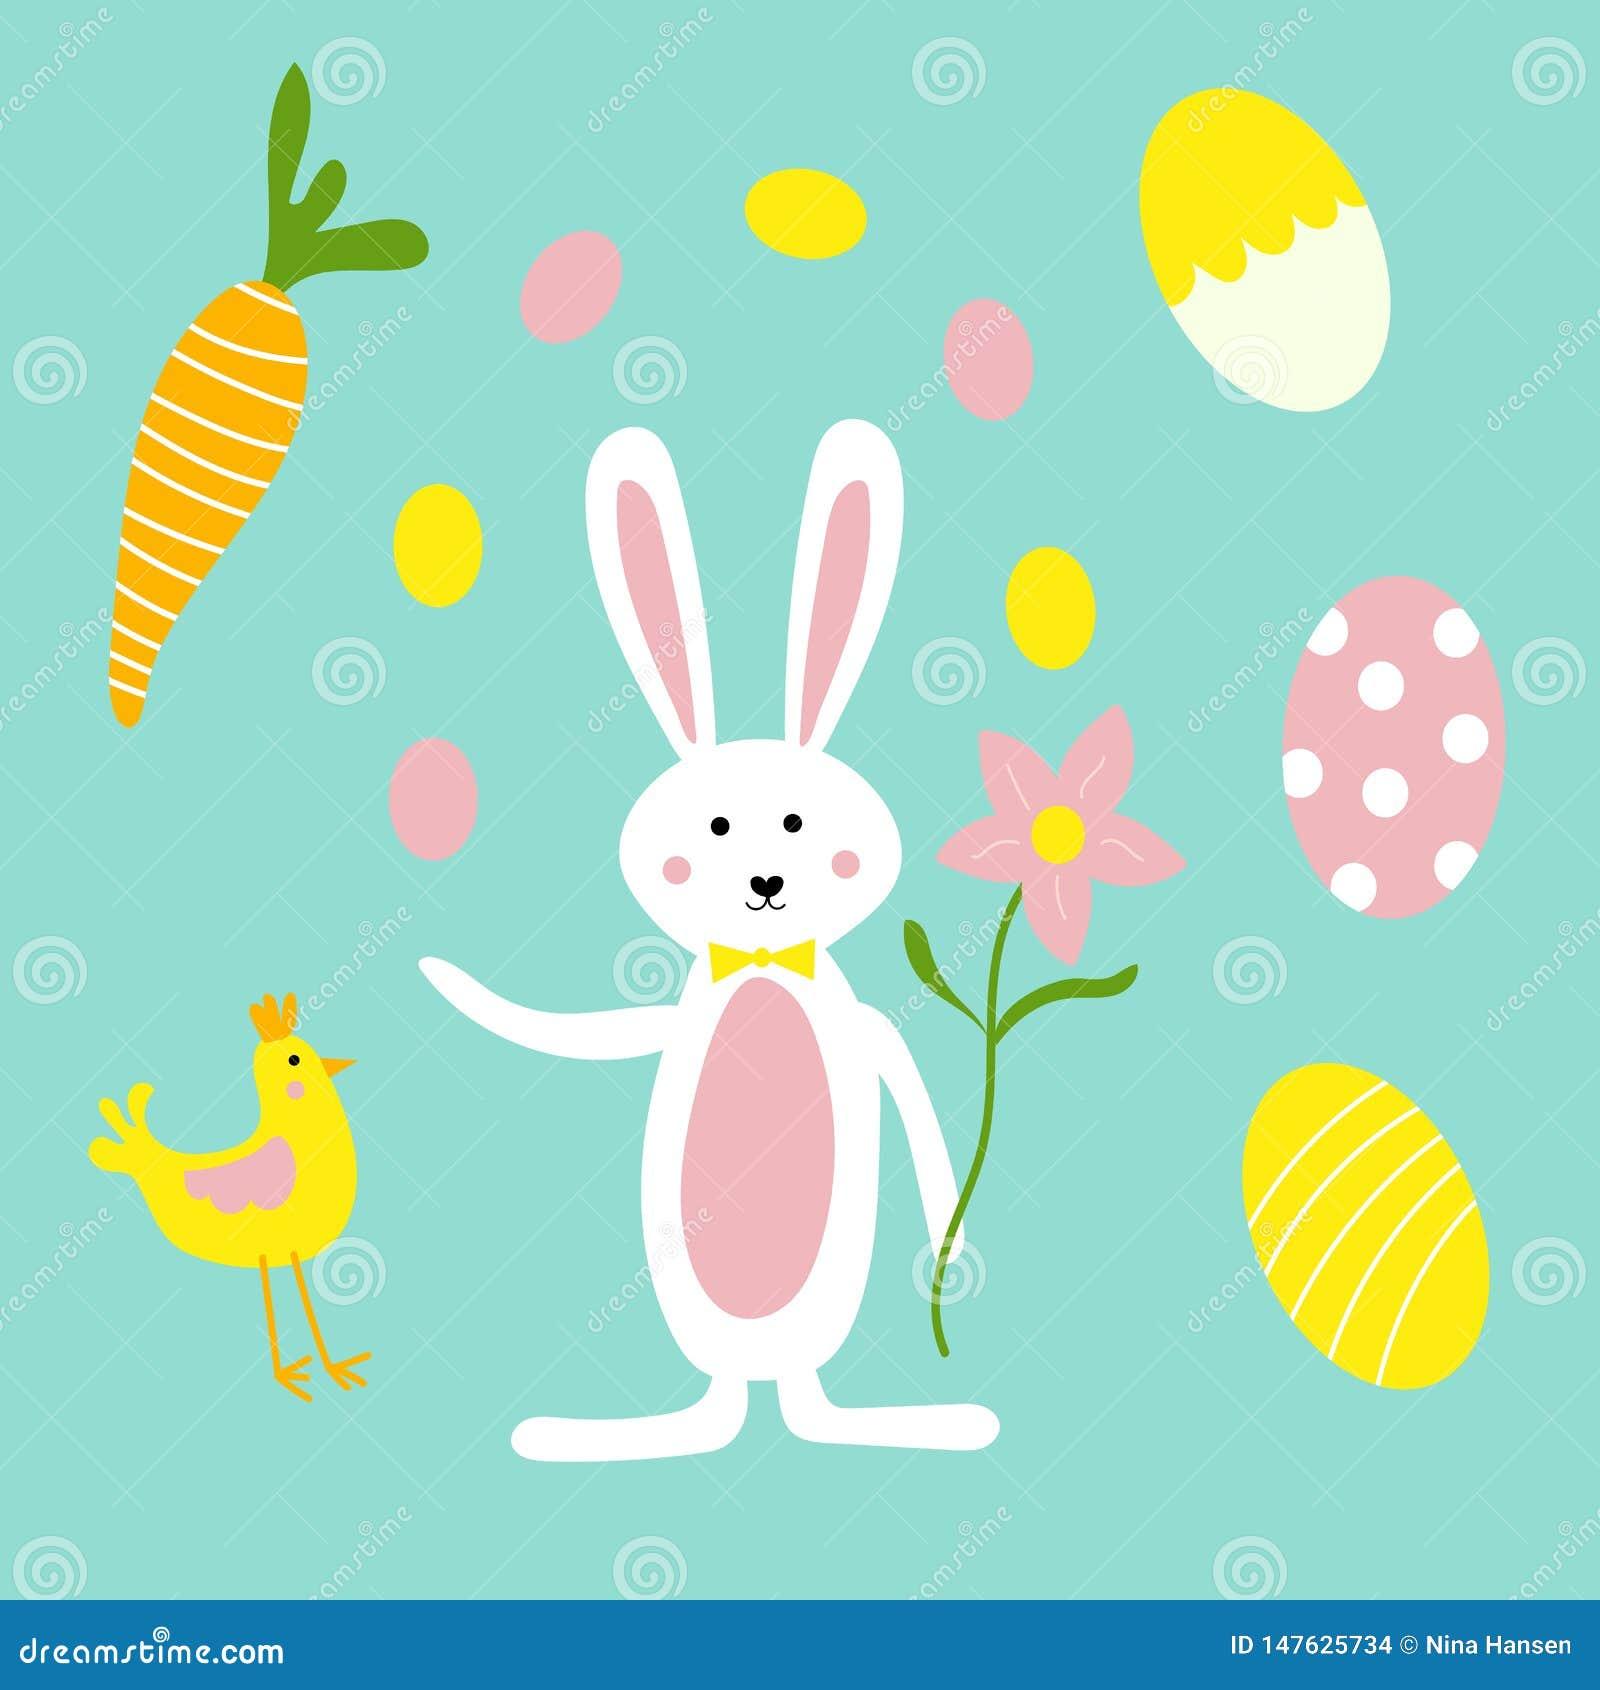 Conejito de pascua, flores, zanahorias y pollo lindos